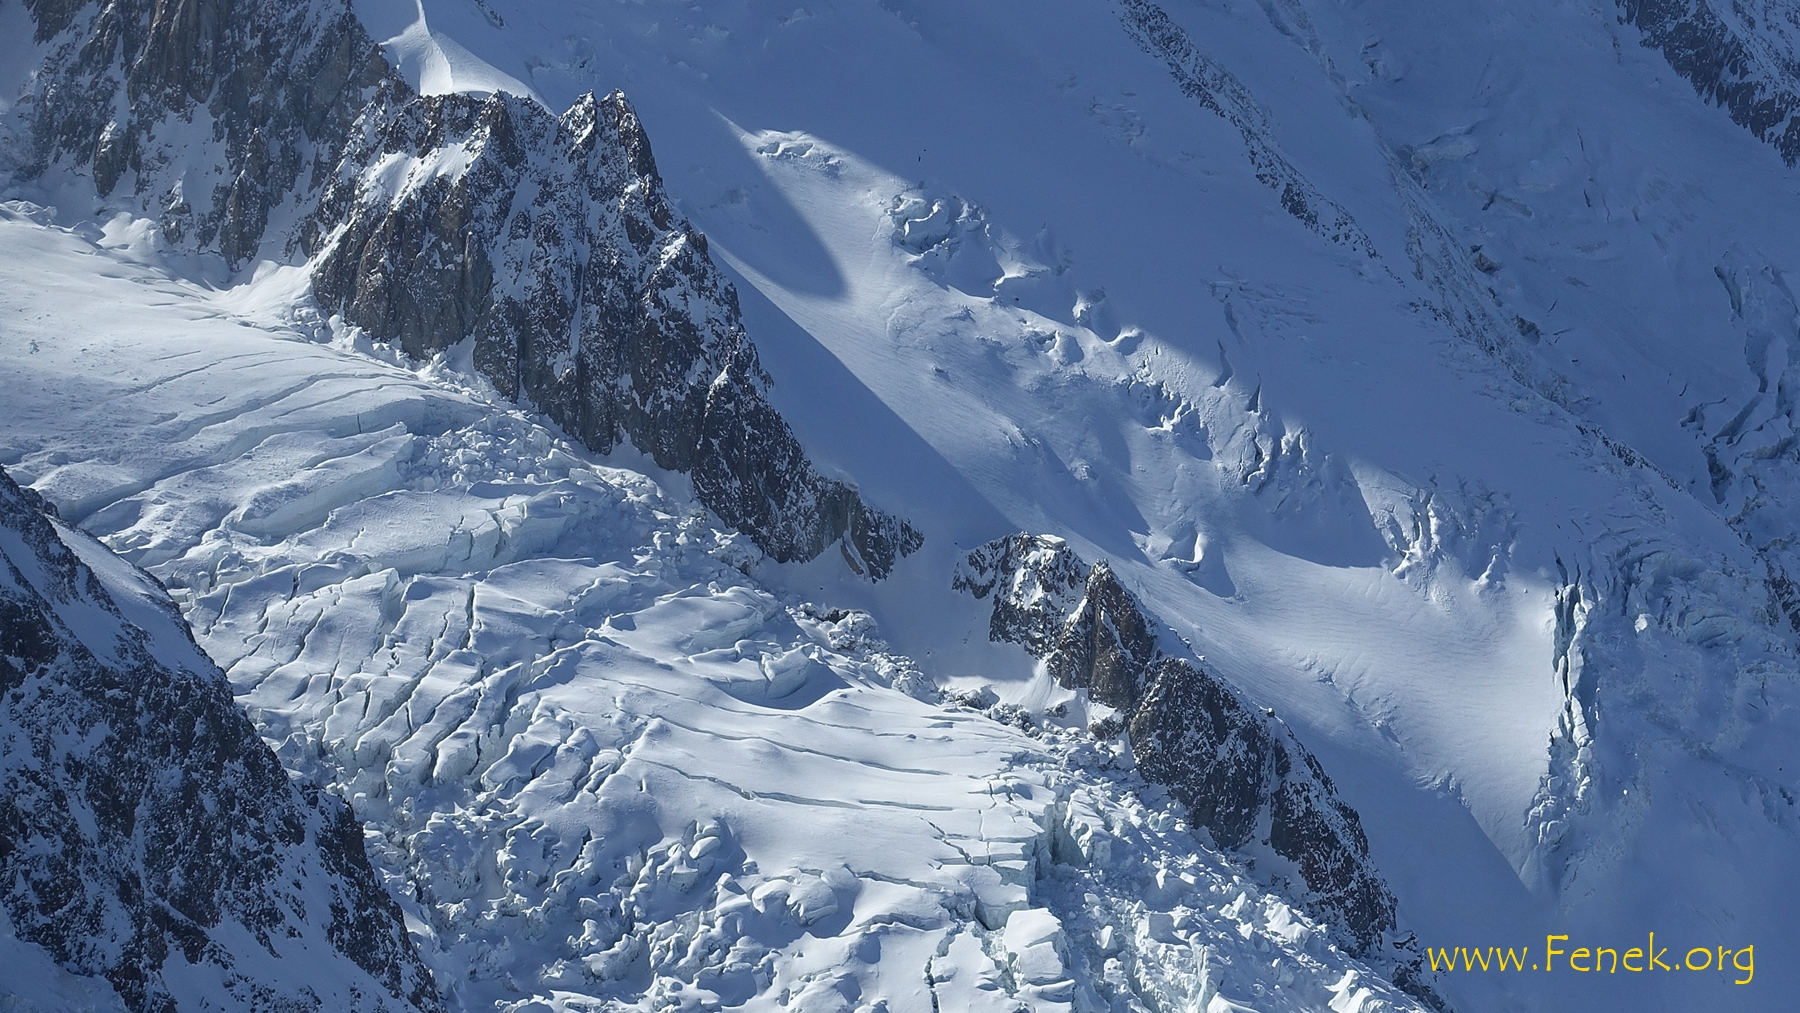 Refuge des Grands Mulets - hier sind wir mit den Ski vorbeigefahren